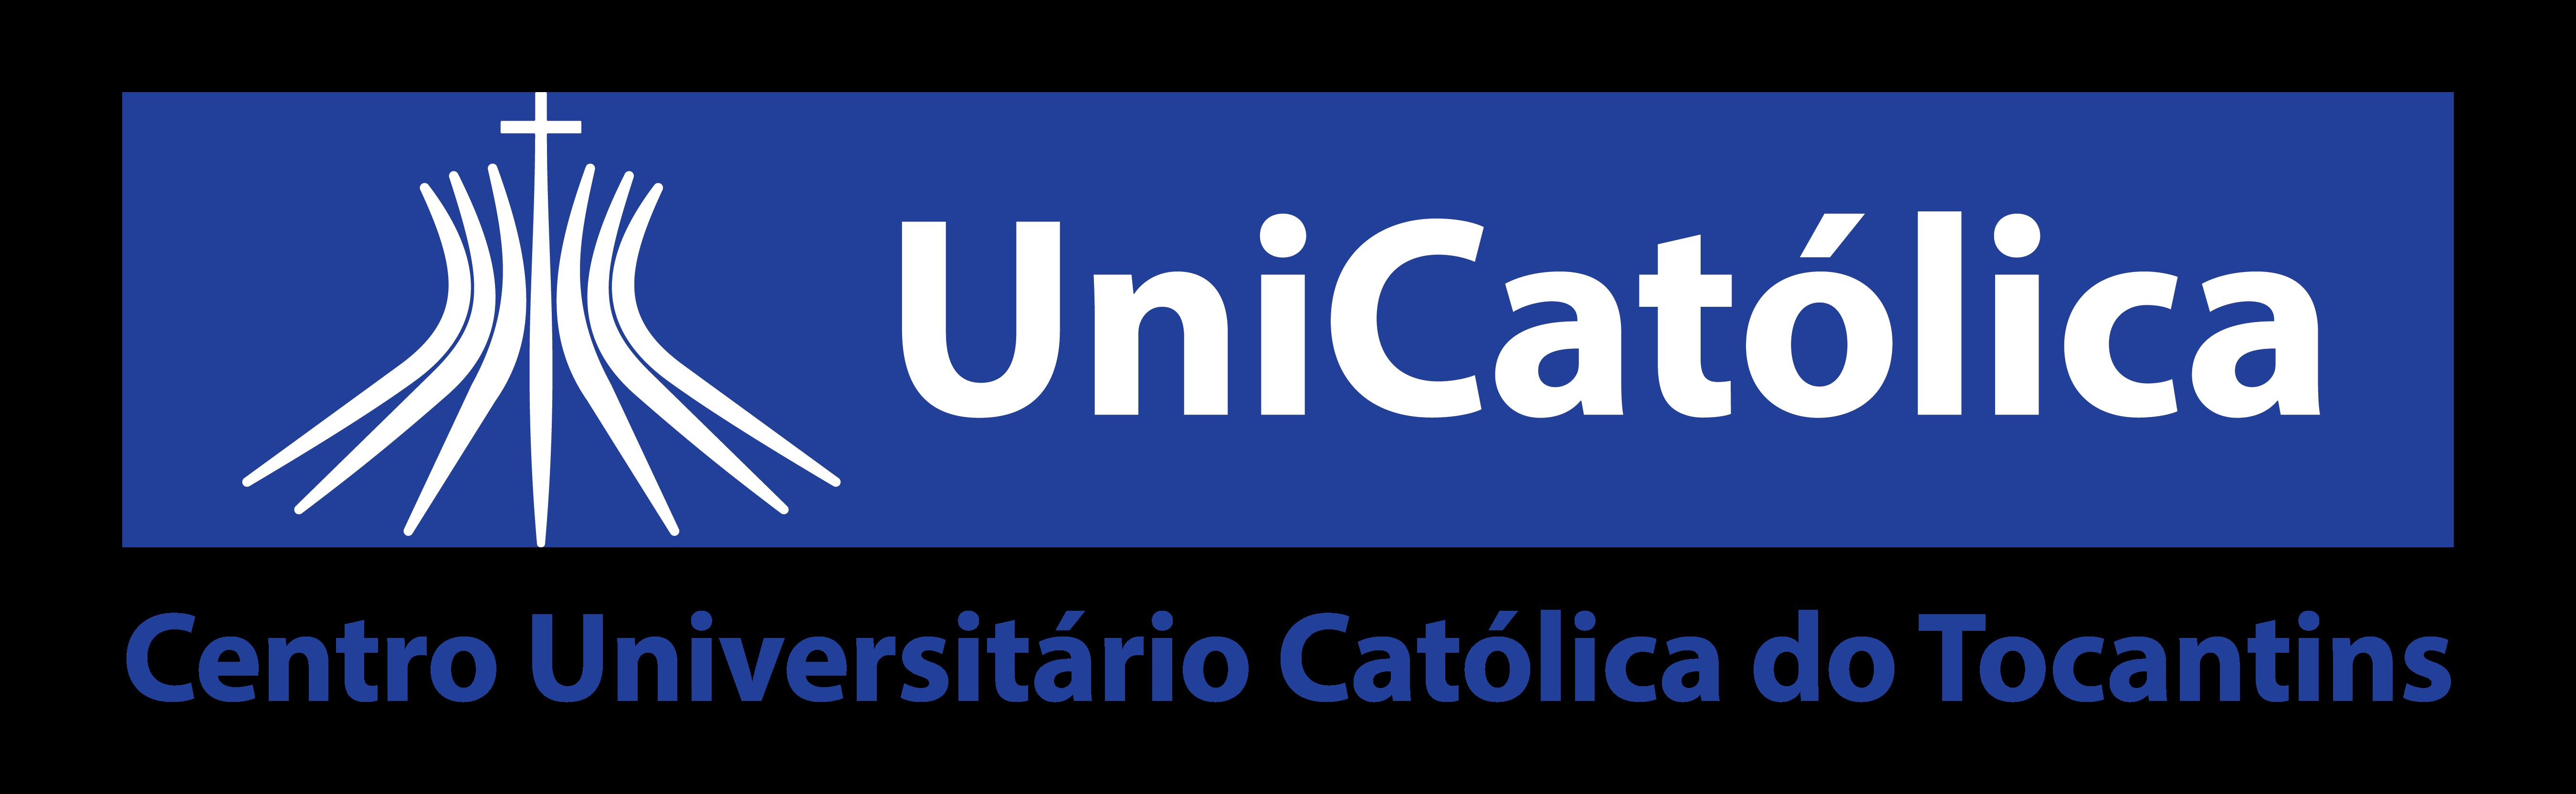 UniCatólica abre inscrições Vestibular 2019/2 focado em novos cursos